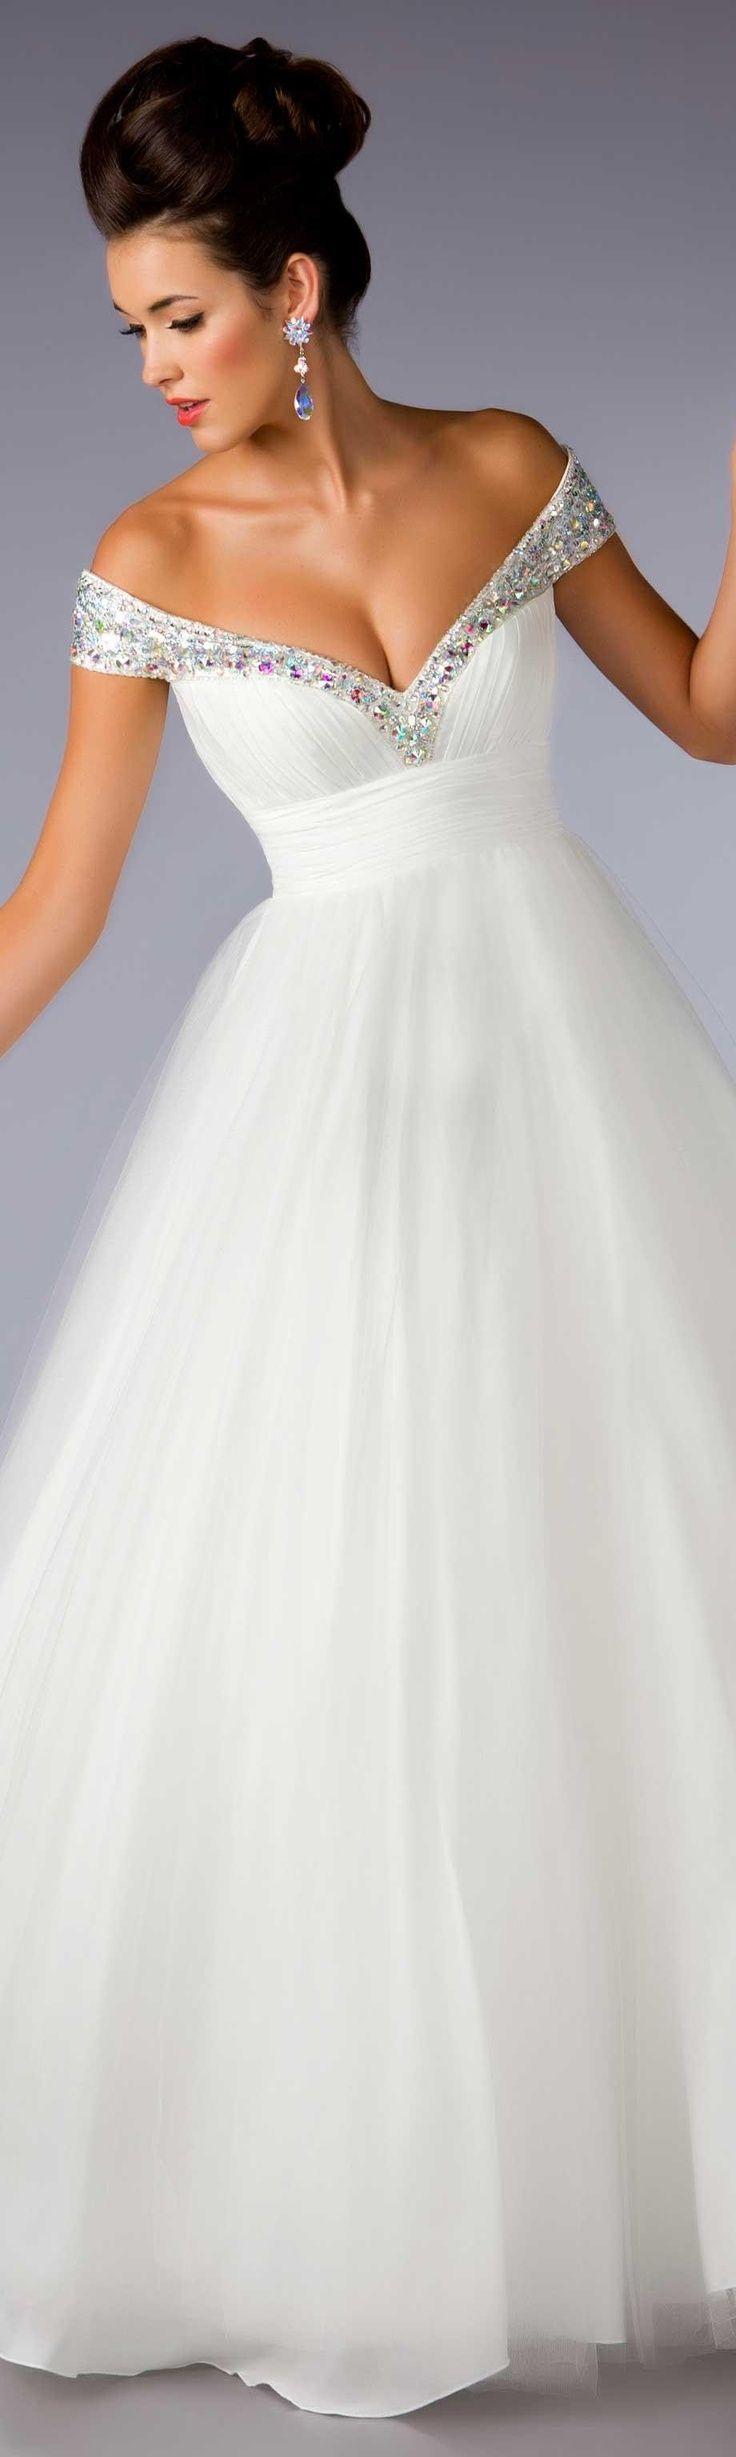 181 besten Wedding Possibilities Bilder auf Pinterest | Brautsträuße ...